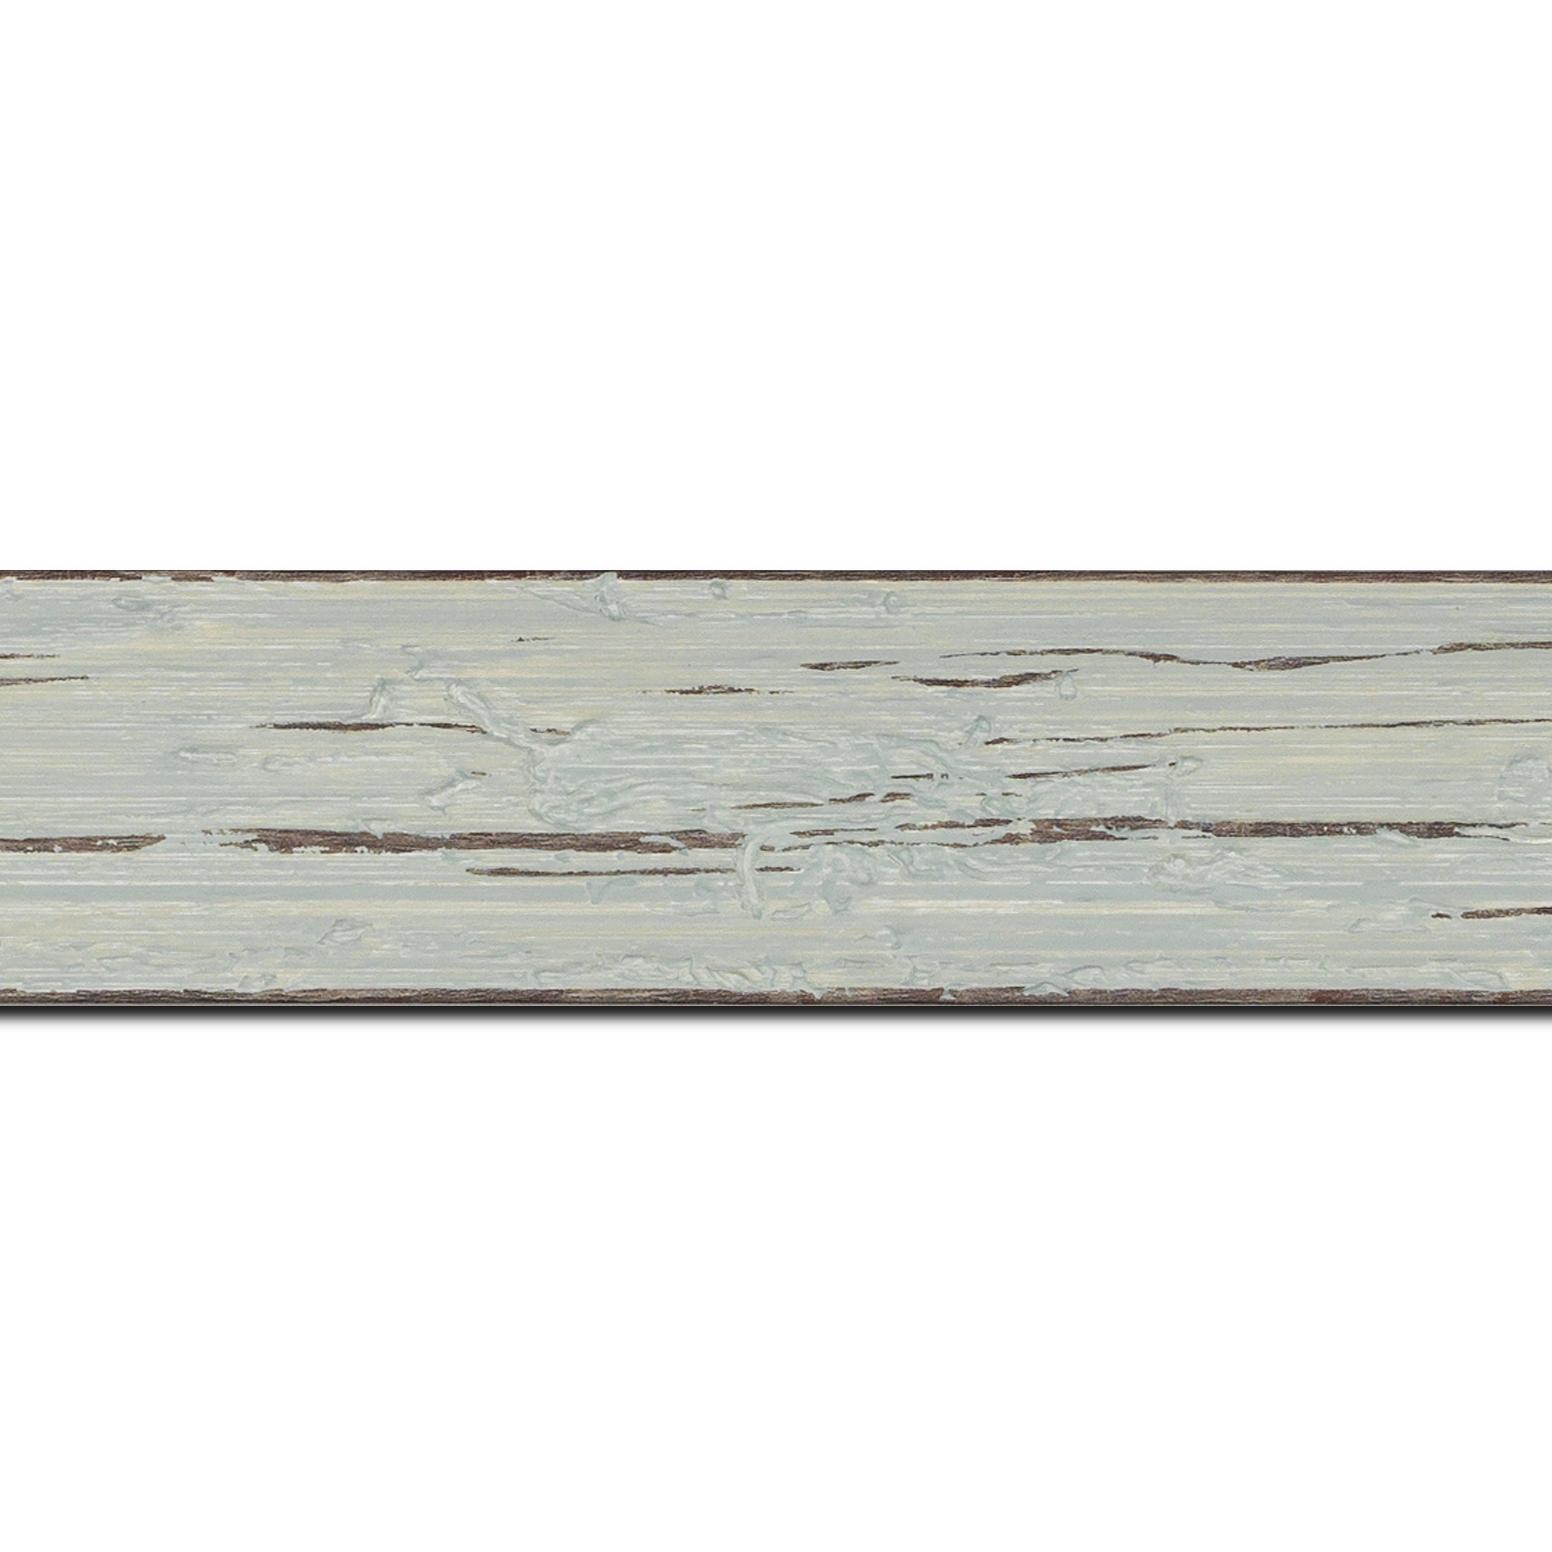 Baguette longueur 1.40m bois profil plat largeur 4.3cm couleur bleu délavé finition aspect vieilli antique